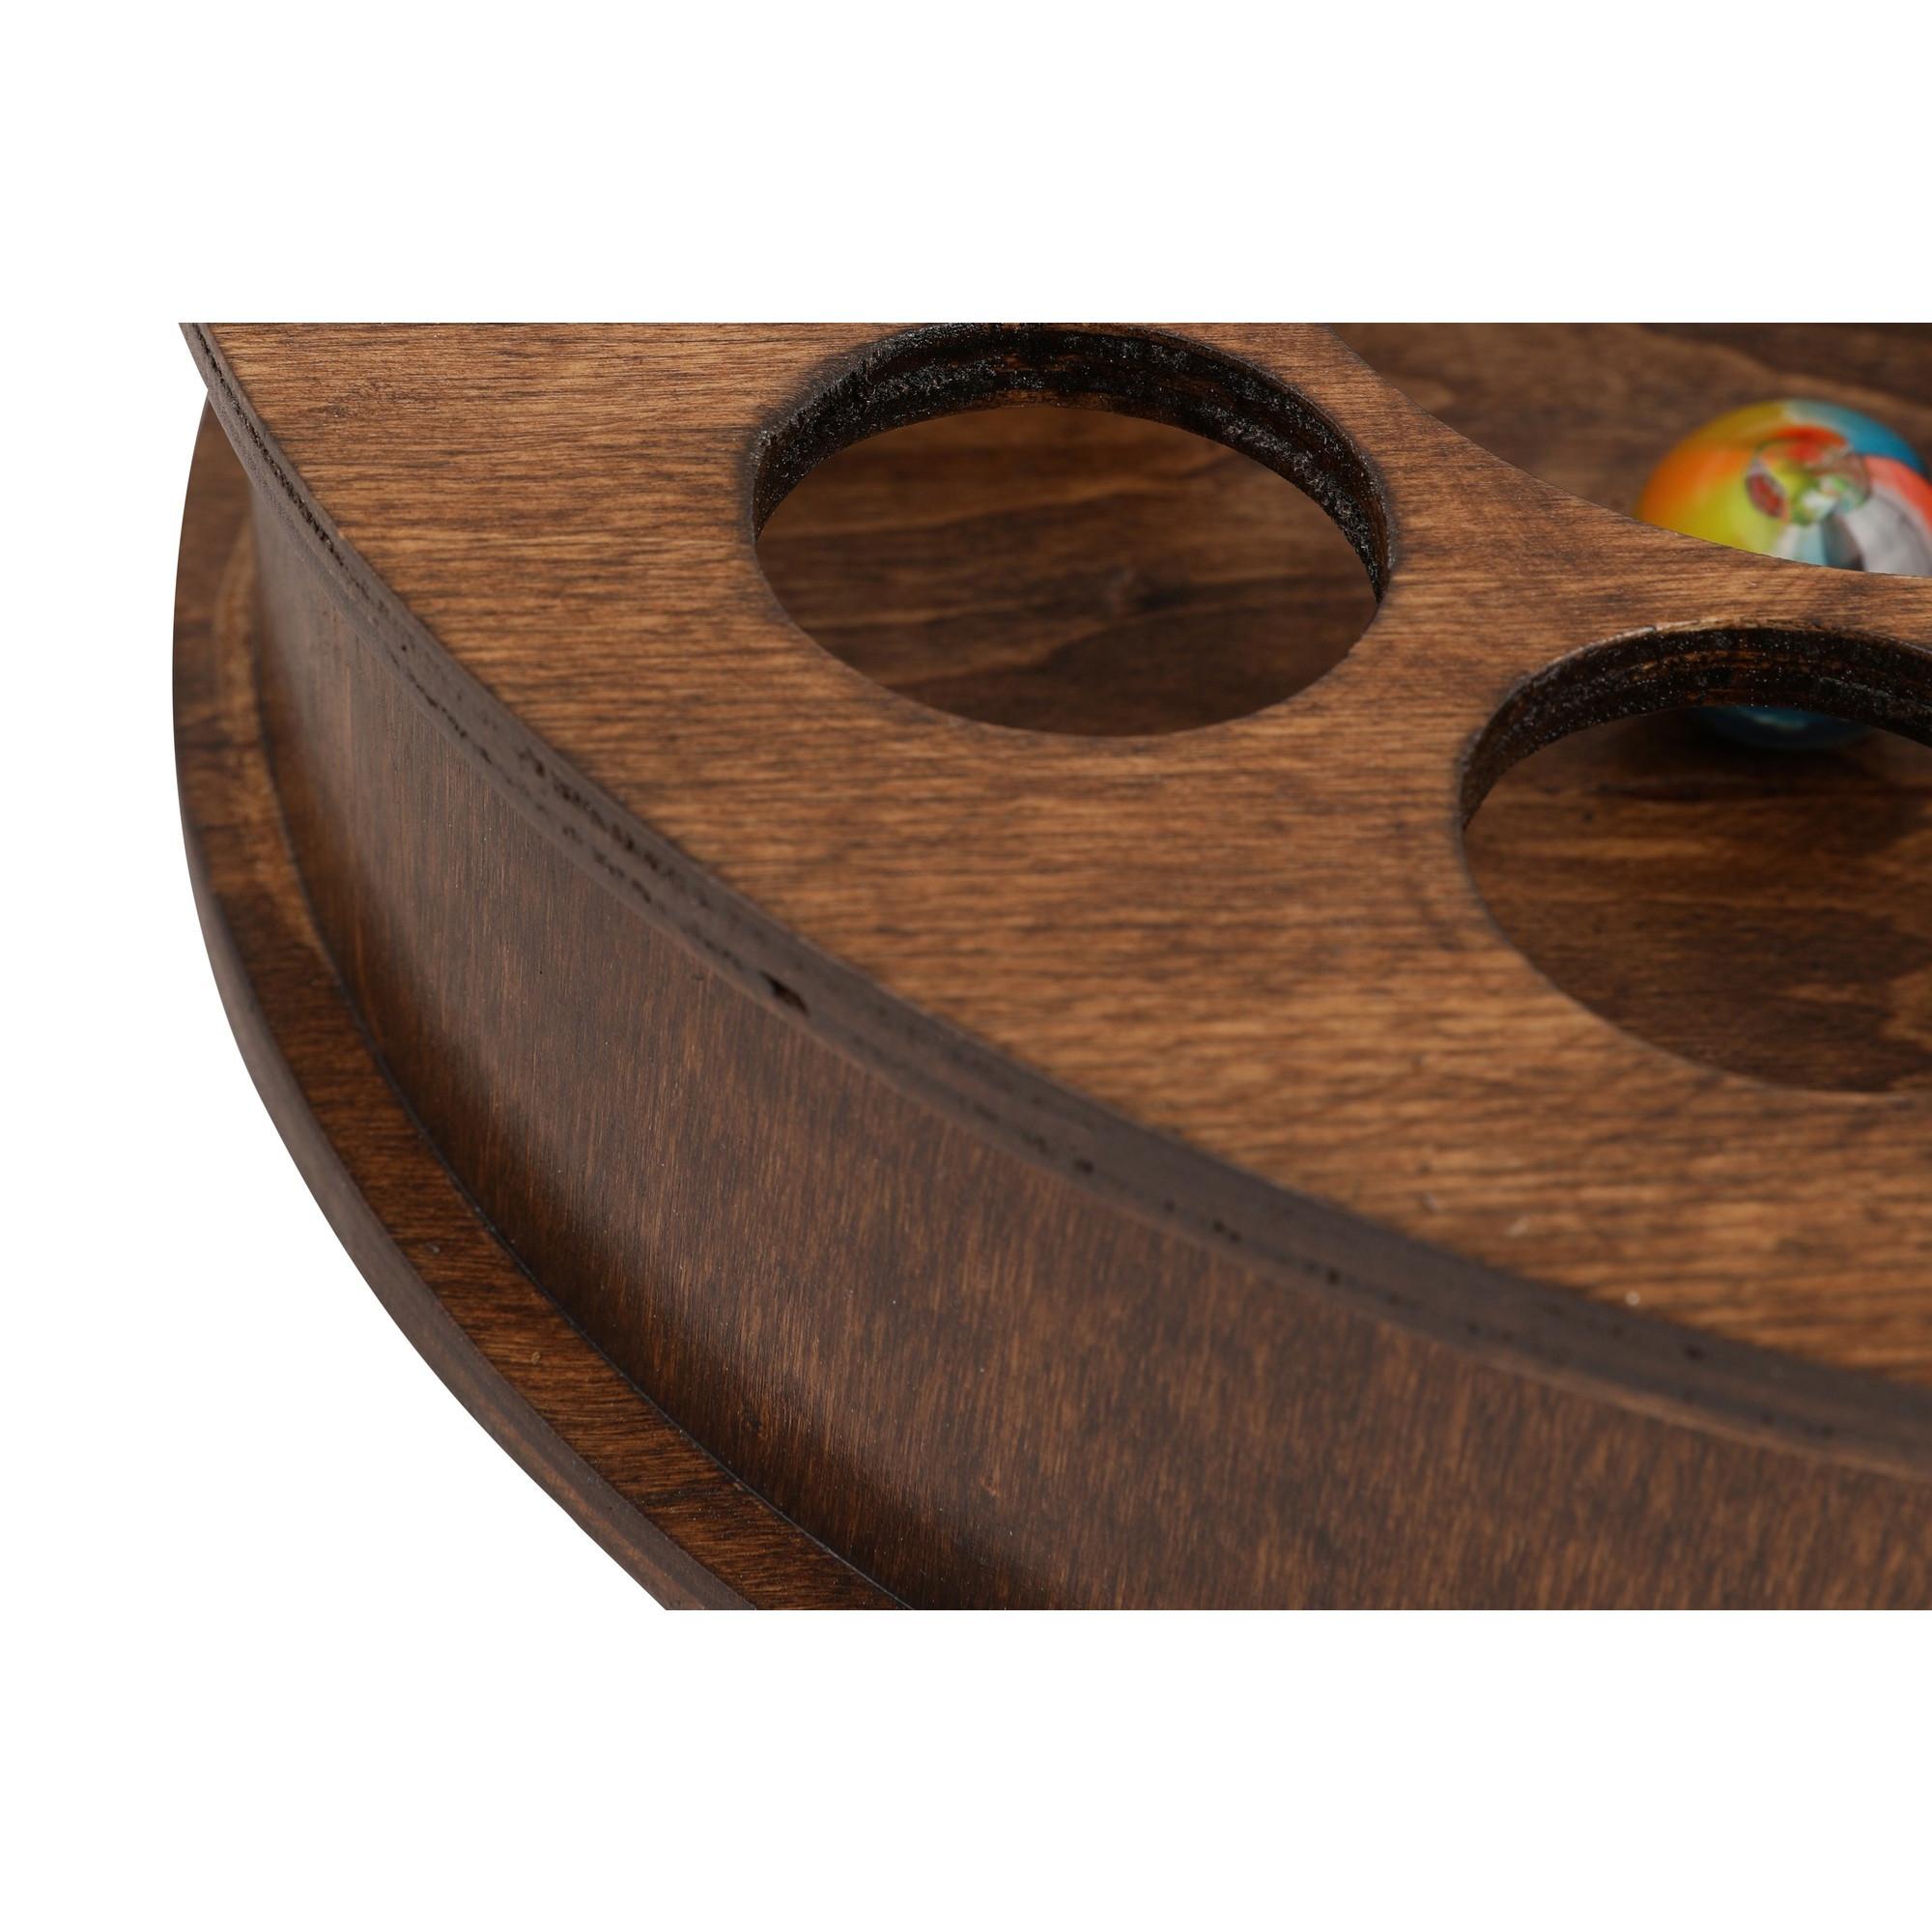 Katzenspielzeug | Dunkles Holz